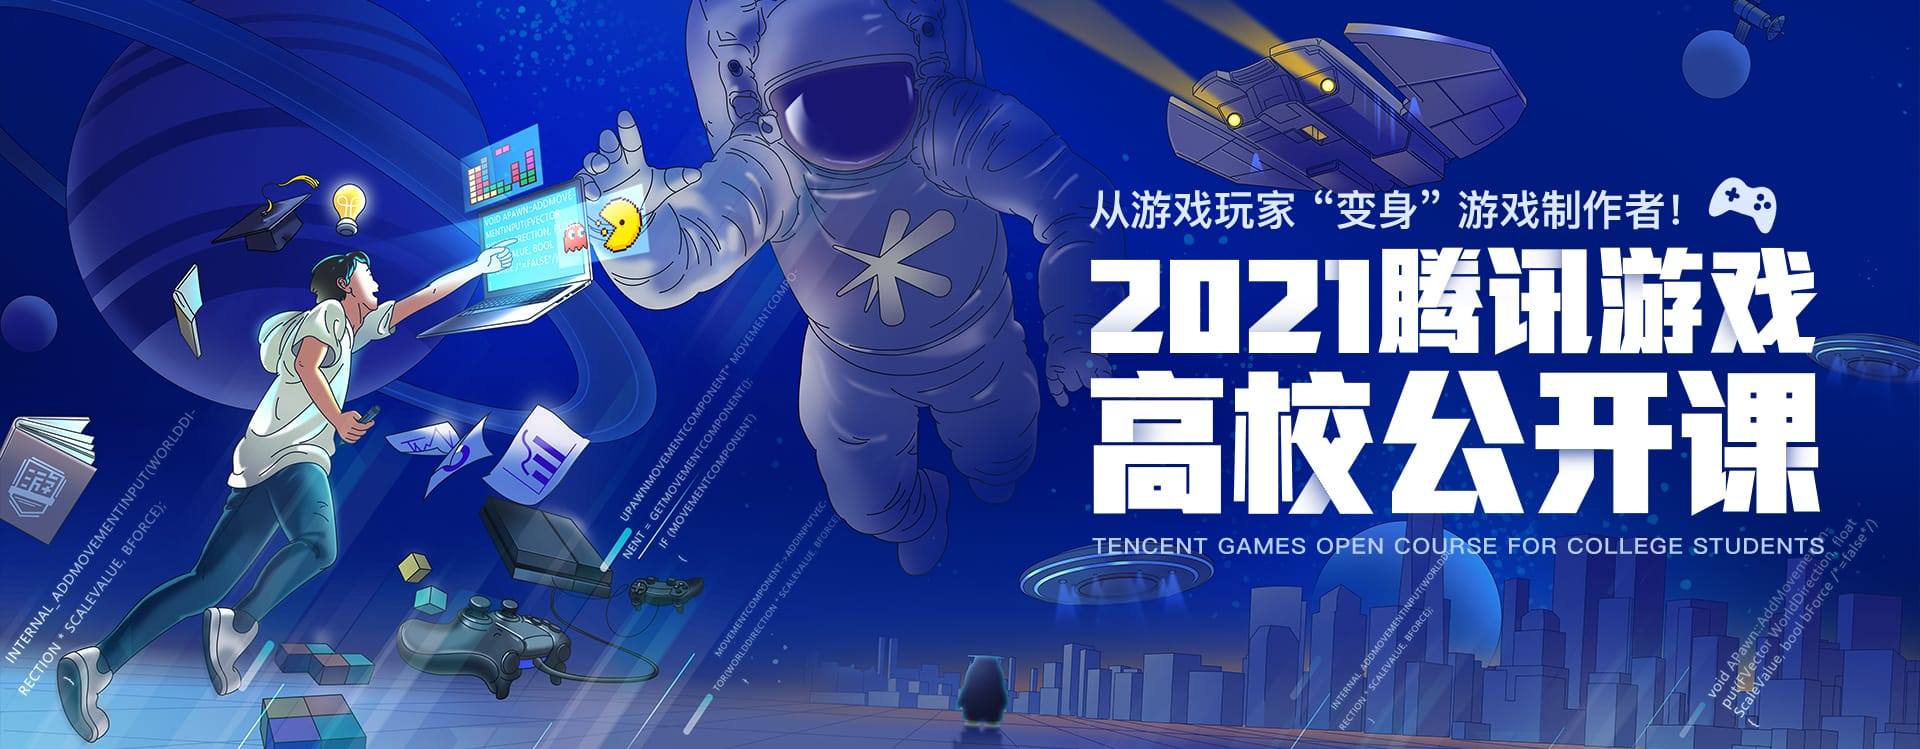 2021腾讯游戏高校公开课